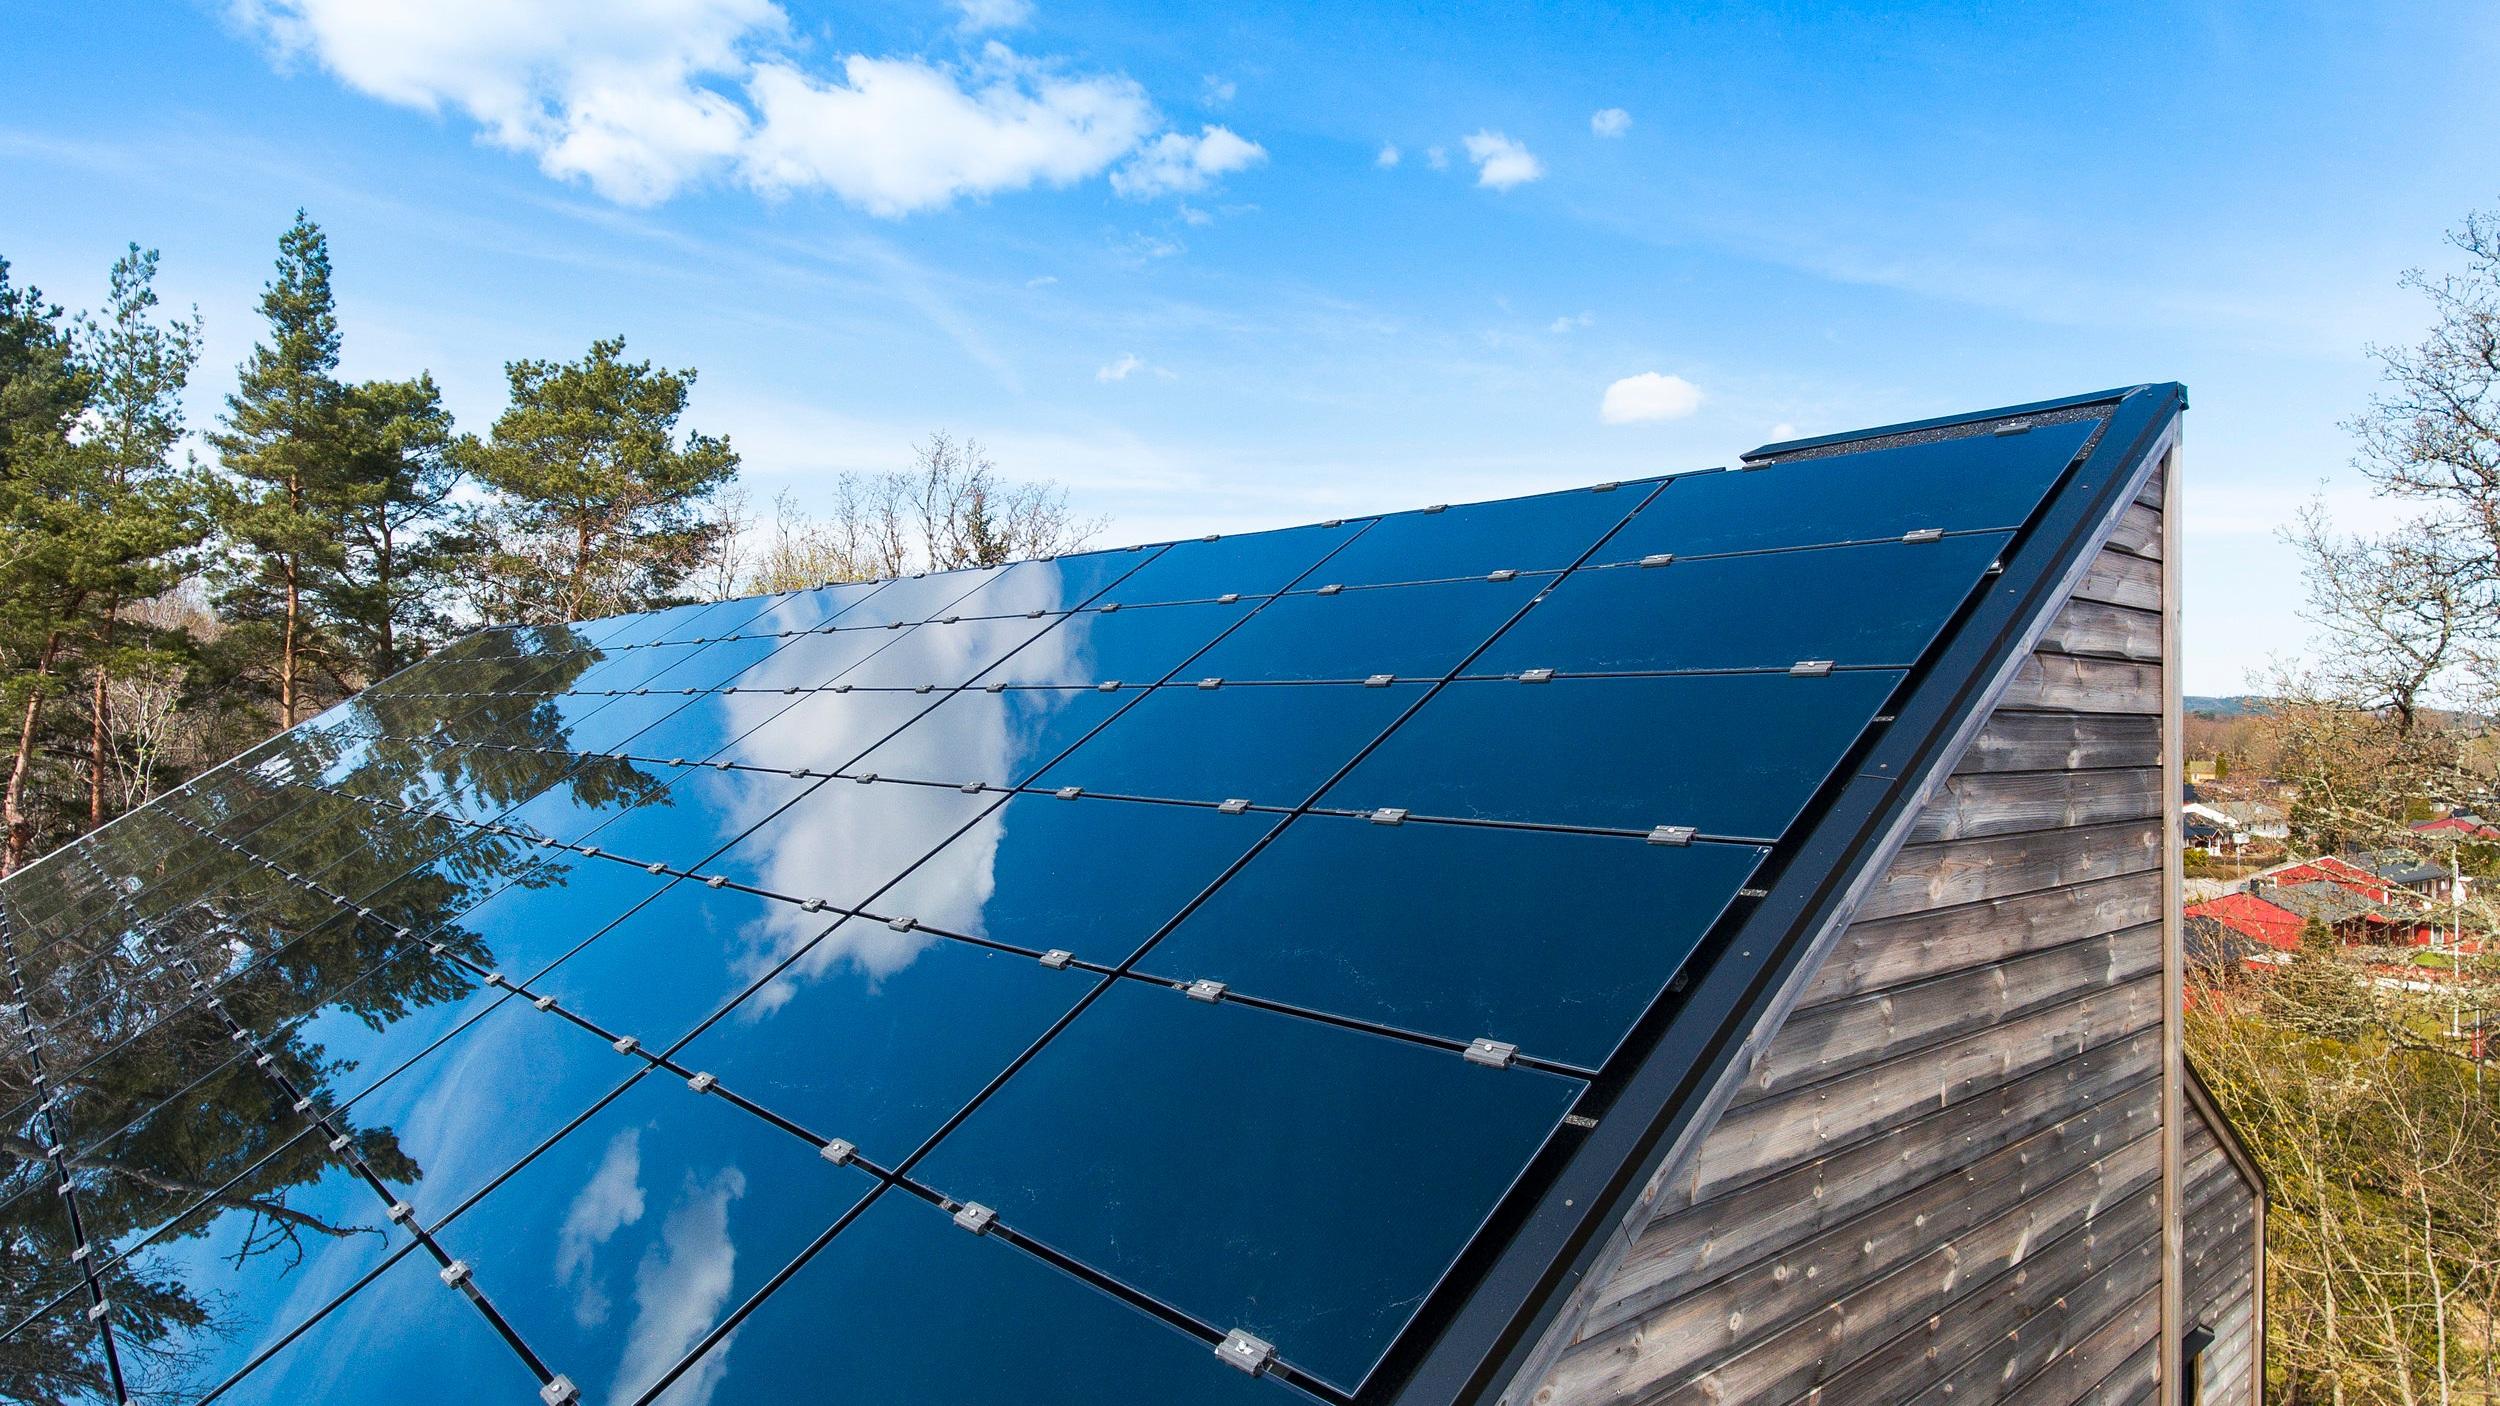 ENERGI & TEKNIK - I dagsläget finns det väl utvecklade moderna system för energiproduktion, värmeåtervinning och värme-distribution. Självklart ska vi nyttja dessa system. >>